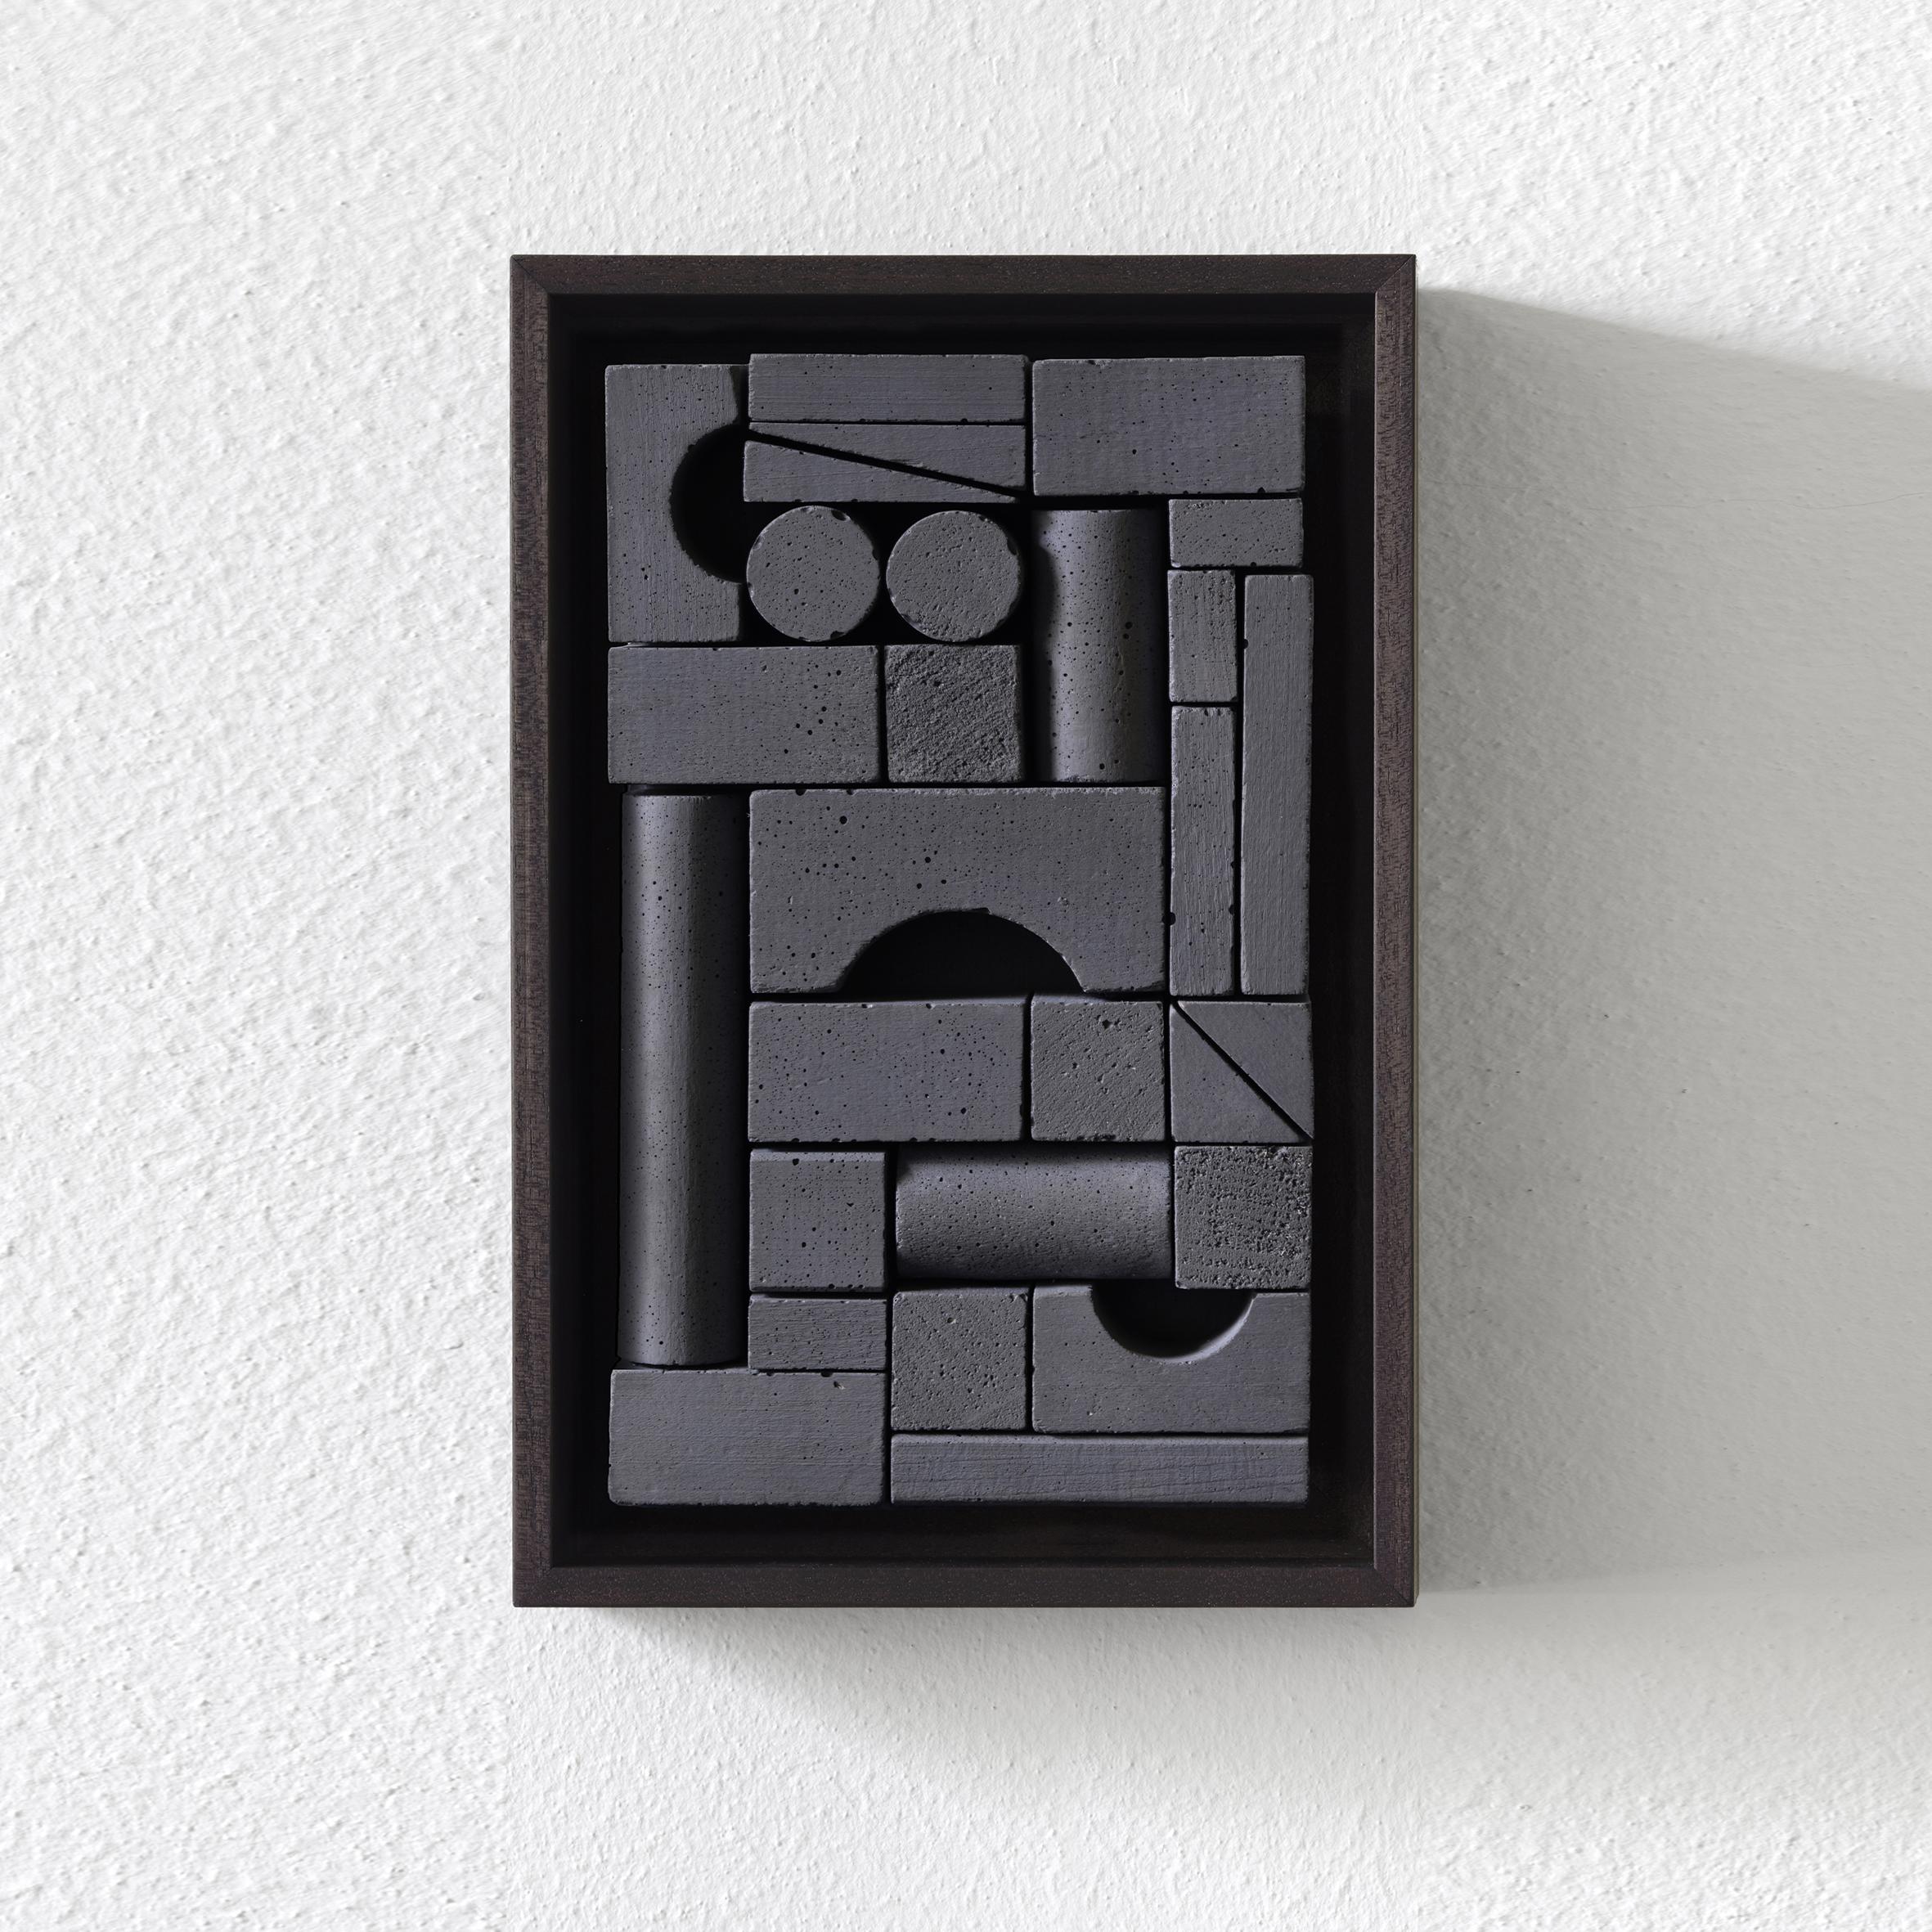 CompositionIV2-web2-square.jpg